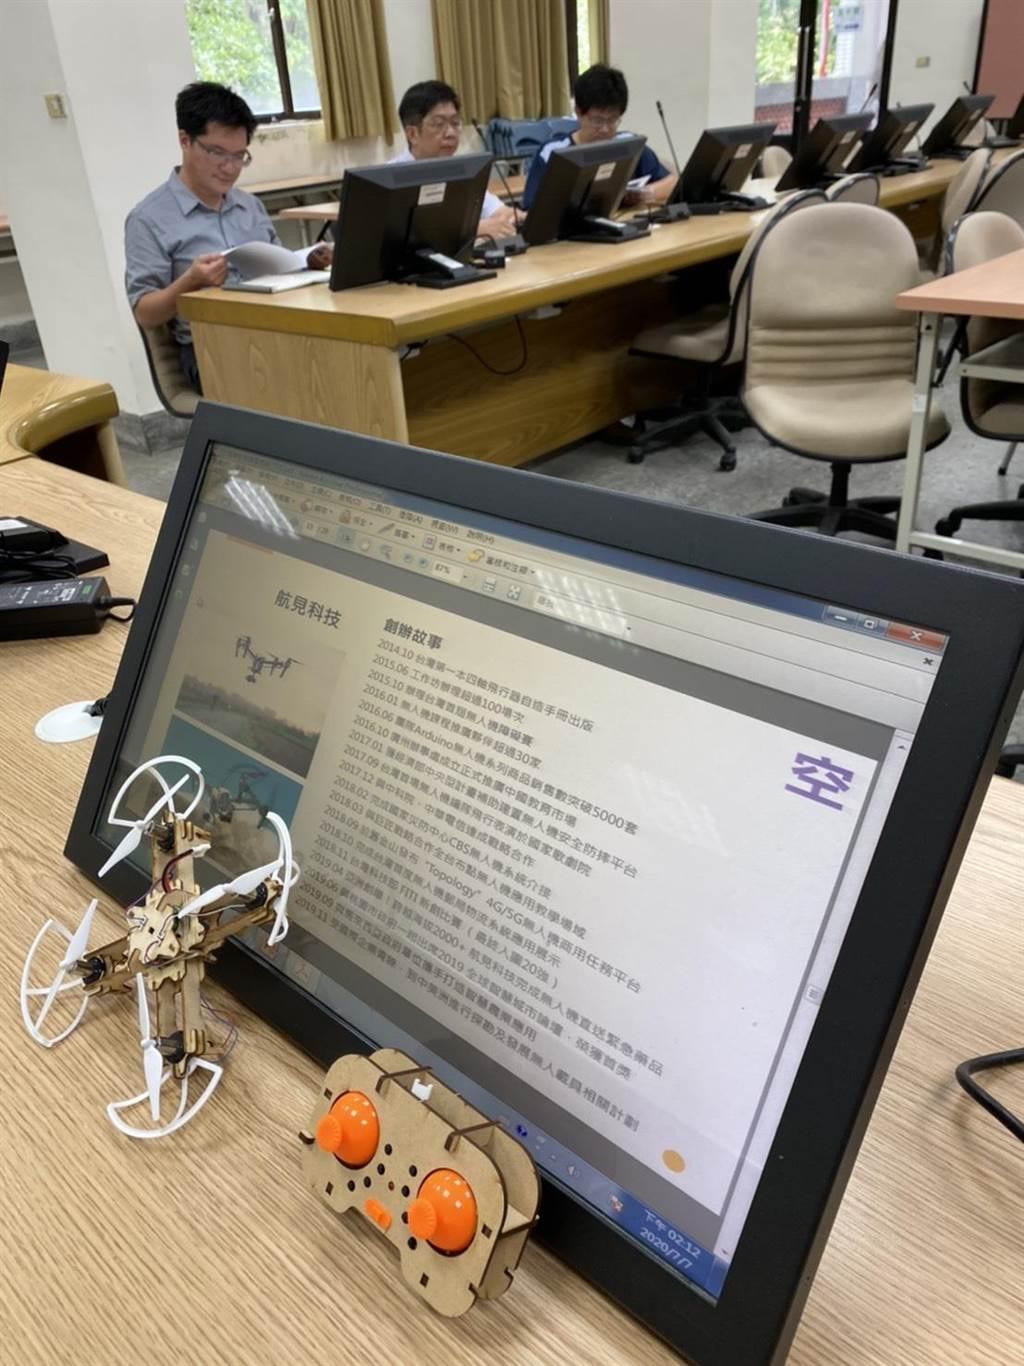 卓蘭高中7日宣布與海洋大學合作,將於新學年度開設「無人機農噴技術人員培訓課程」,希望培養在地科技人才。(國立卓蘭高中提供/巫靜婷苗栗傳真)